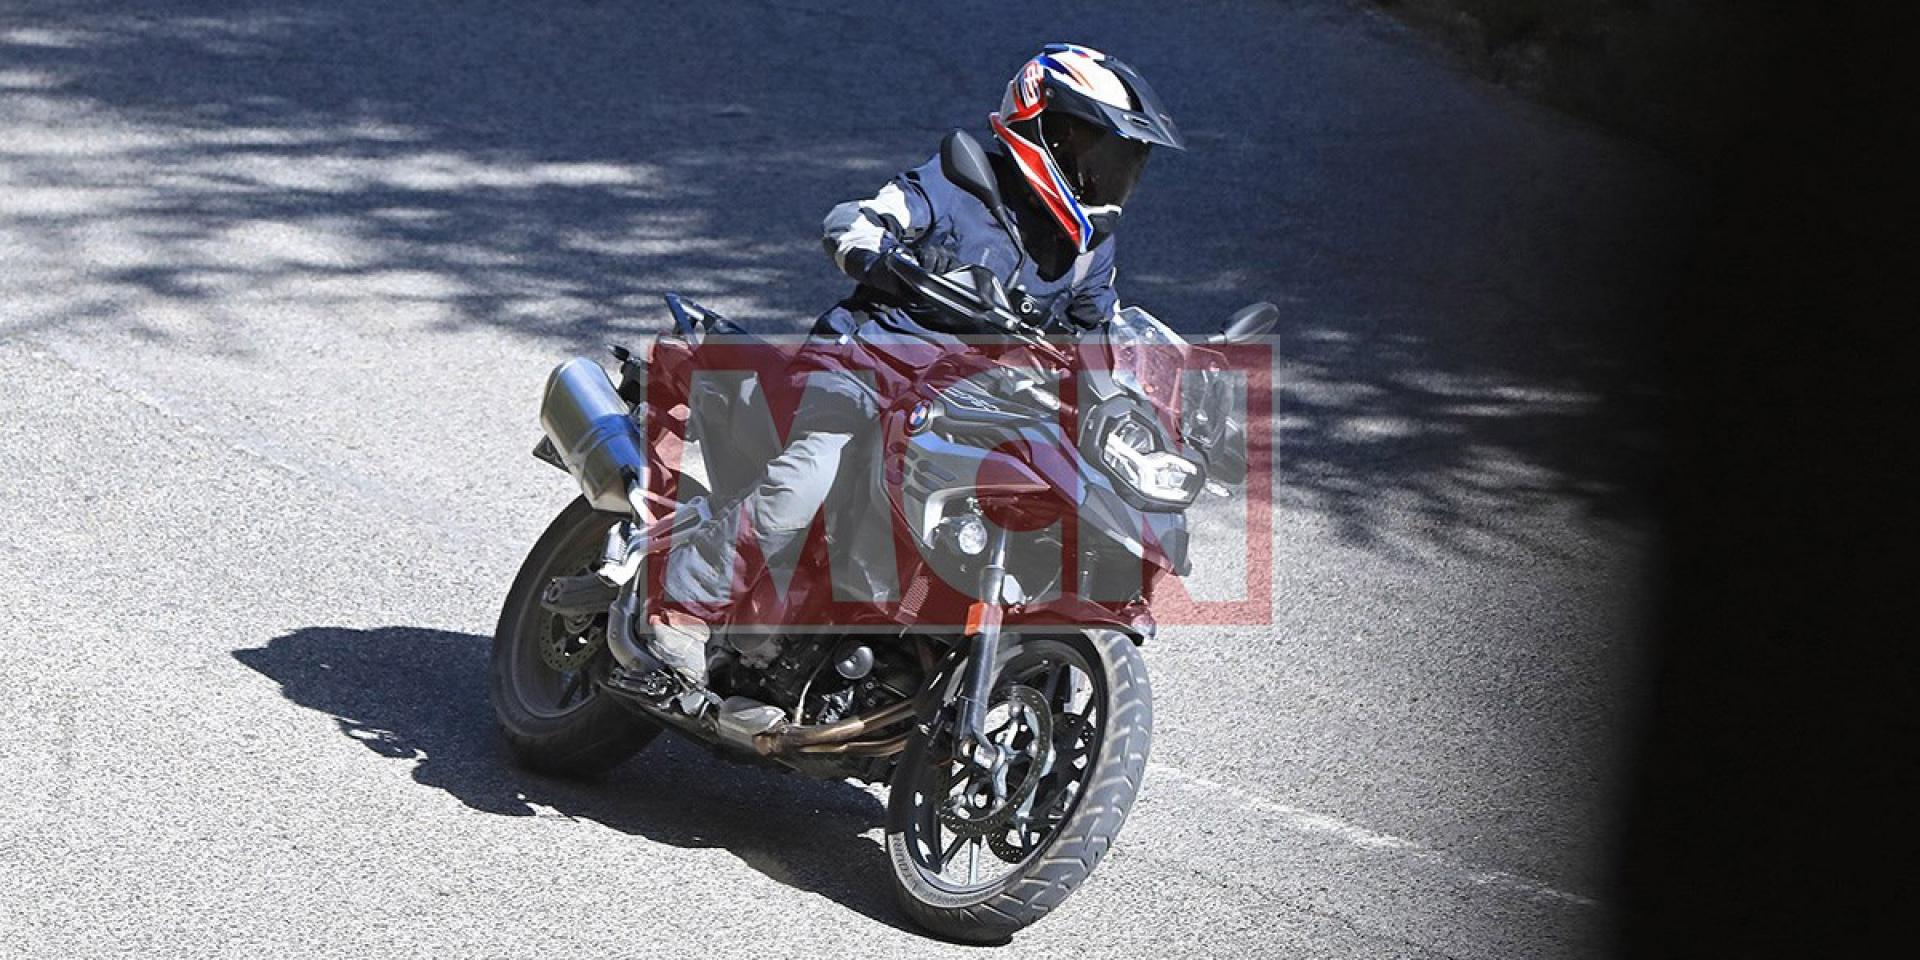 量產在即,BMW F750GS完整版測試車山道捕獲